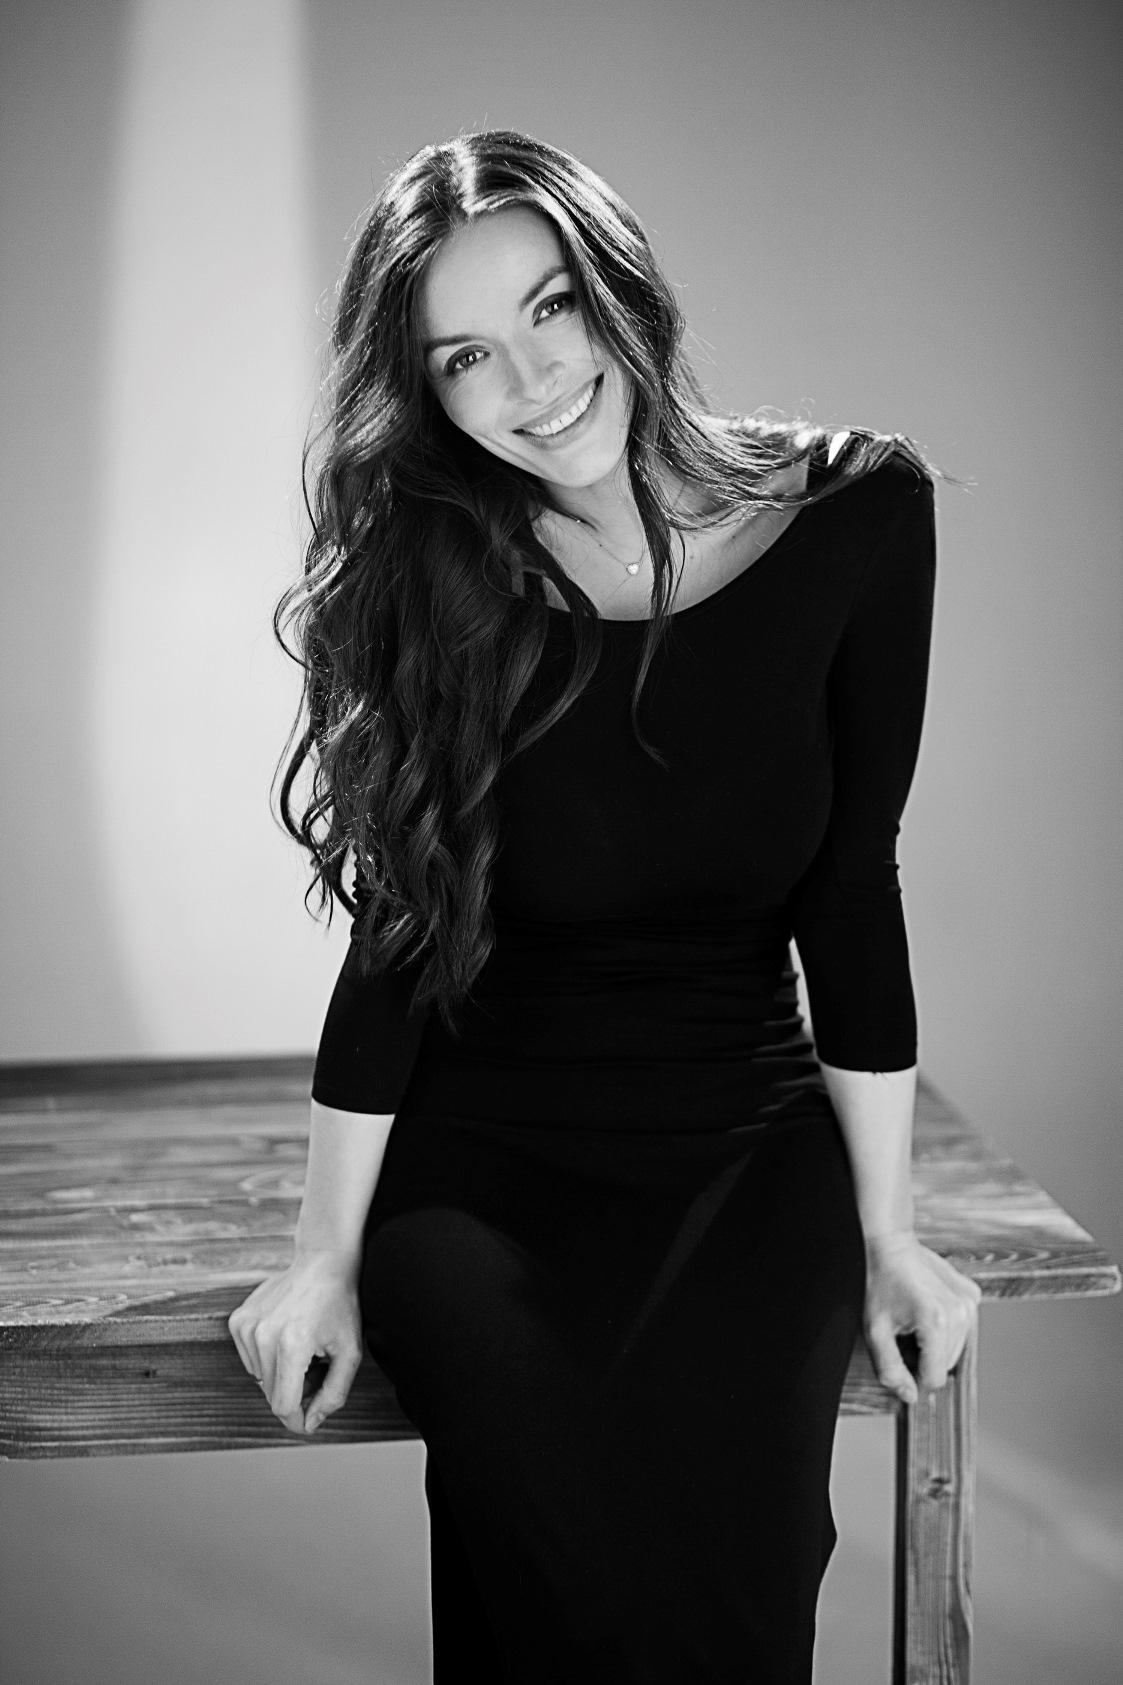 WoMo-портрет: Надежда Мейхер